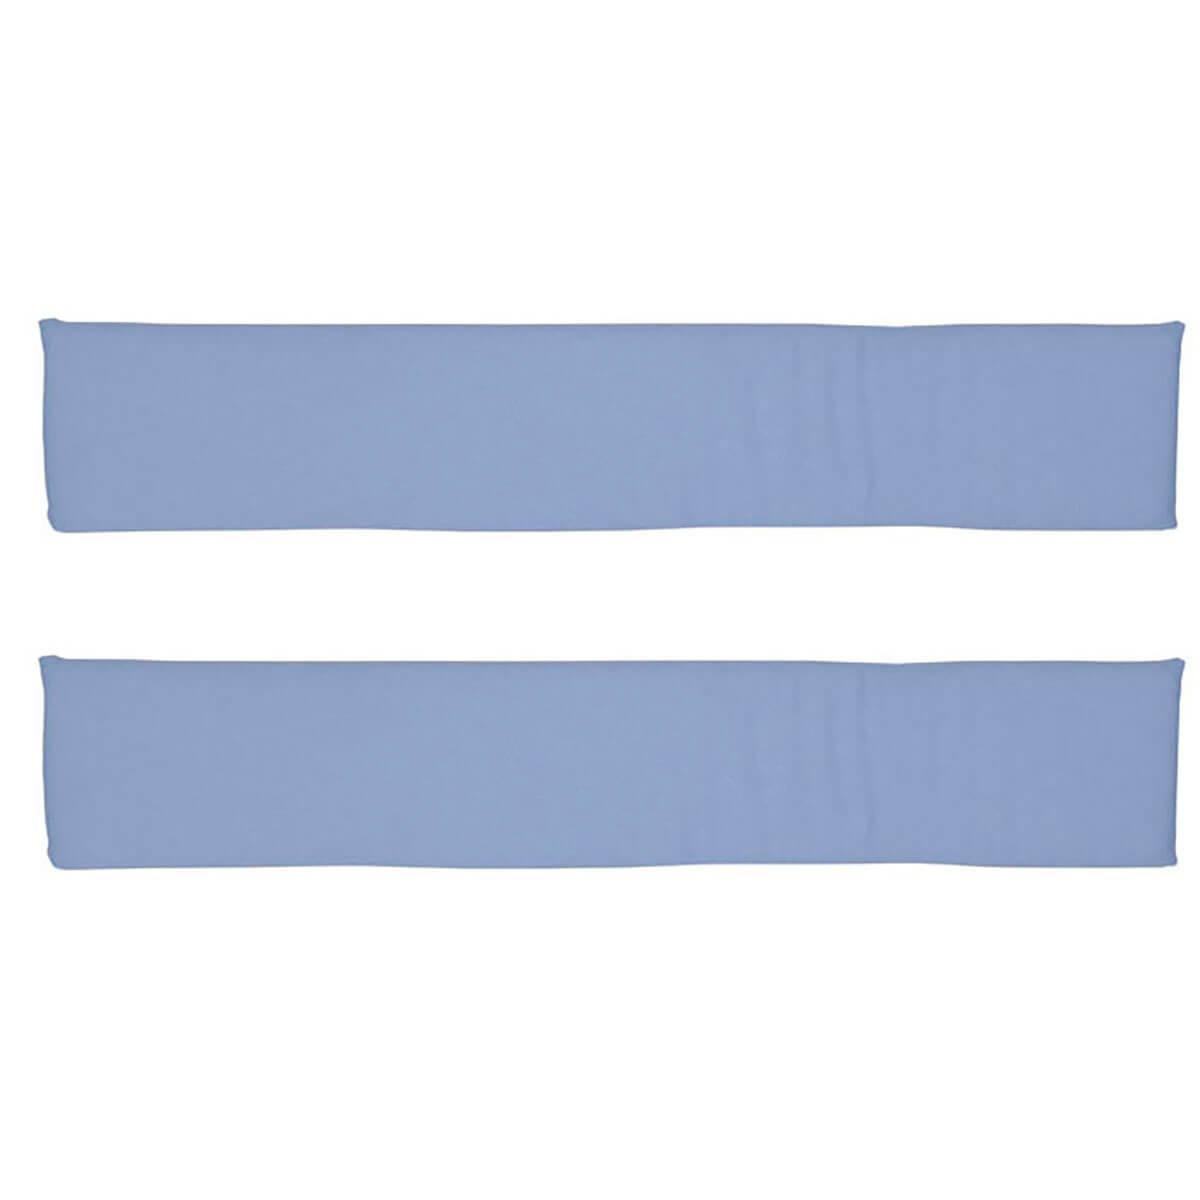 2 Zargenpolster DELUXE de Breuyn in hellblau